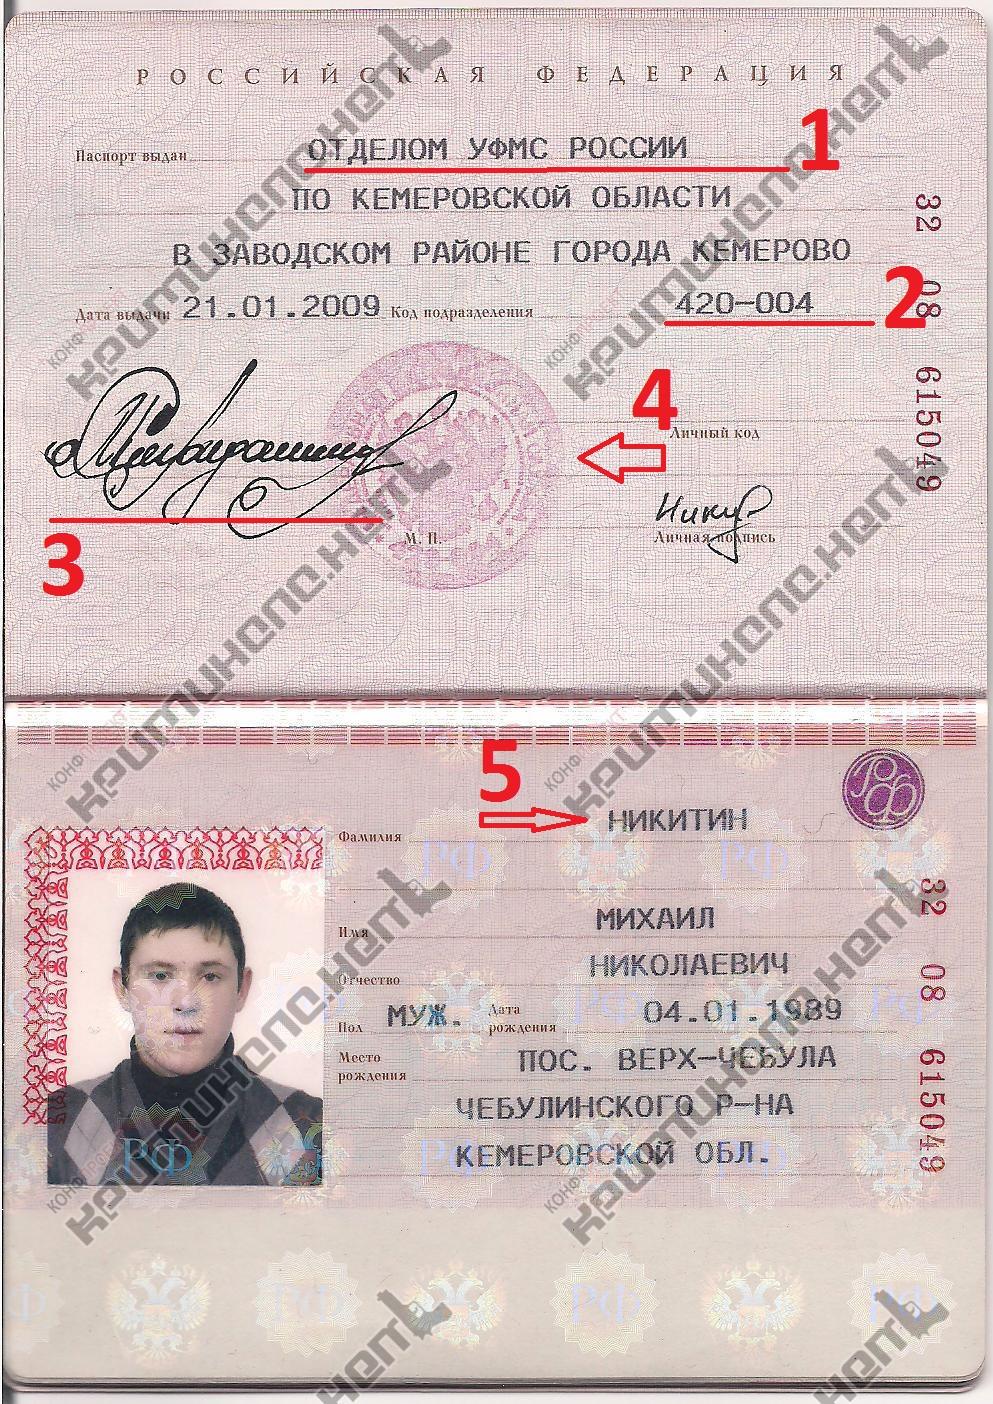 Как сделать копию паспорт в электронном виде 42